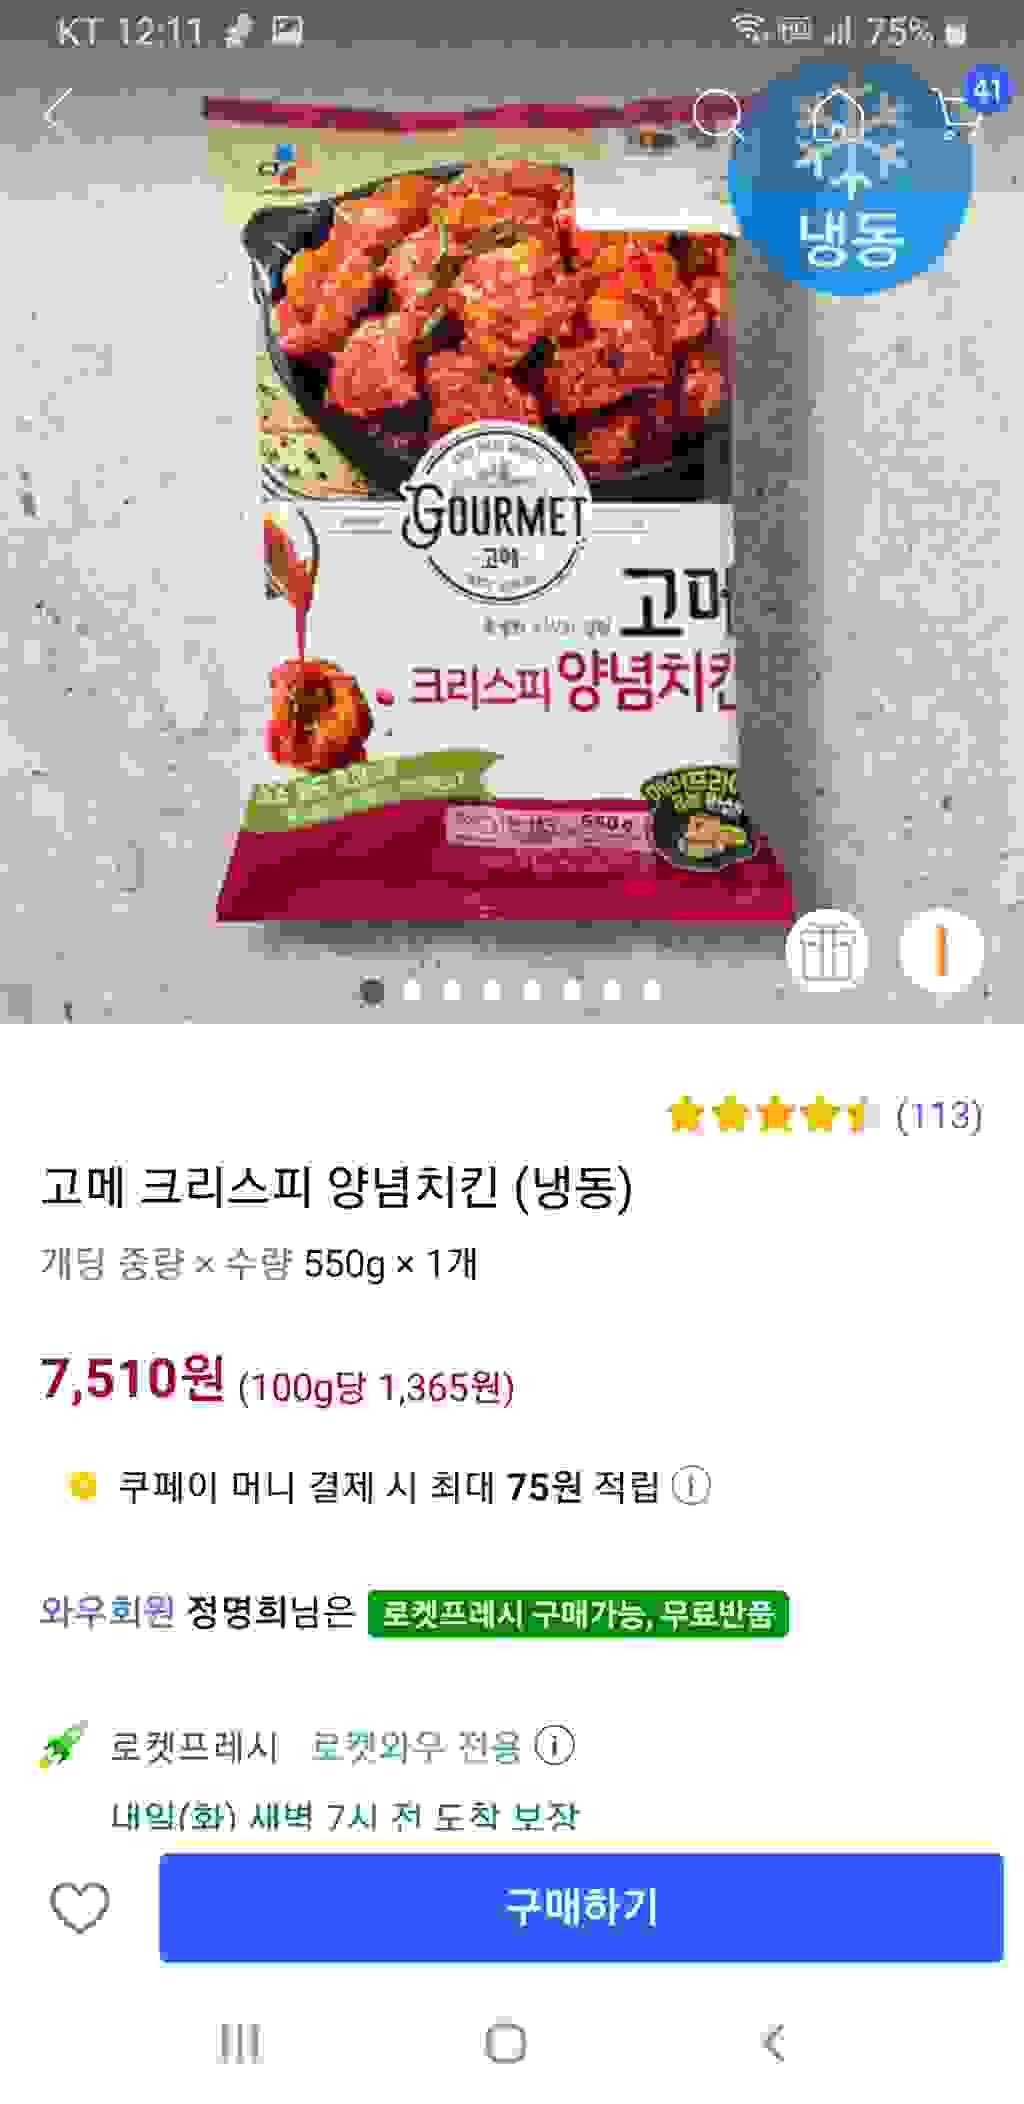 고메 크리스피 양념치킨 (냉동)  리뷰 후기